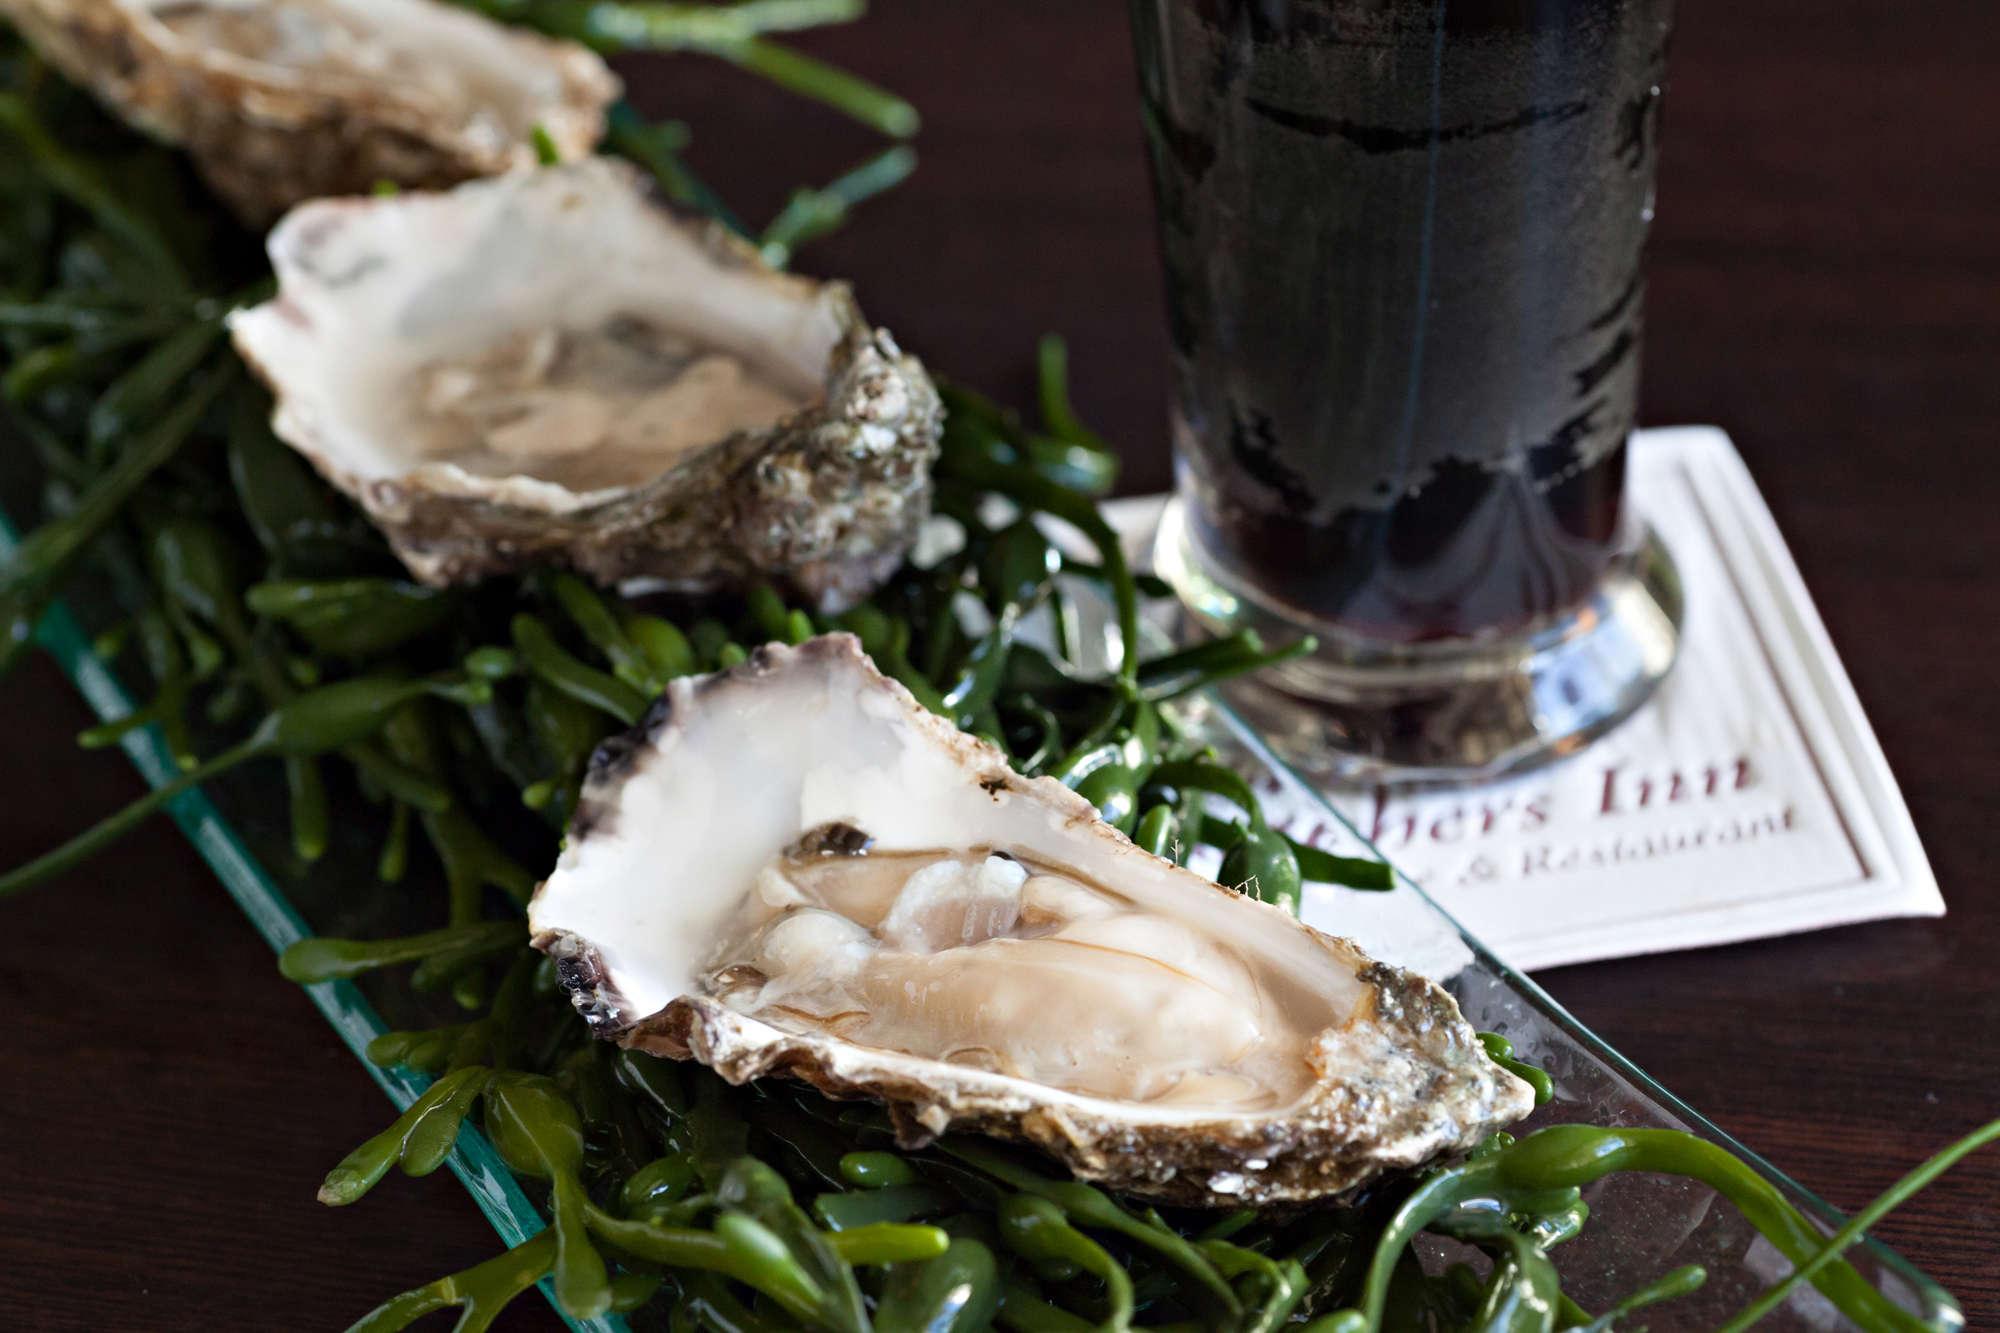 Oysters & Murphys, pure Cork boy!!